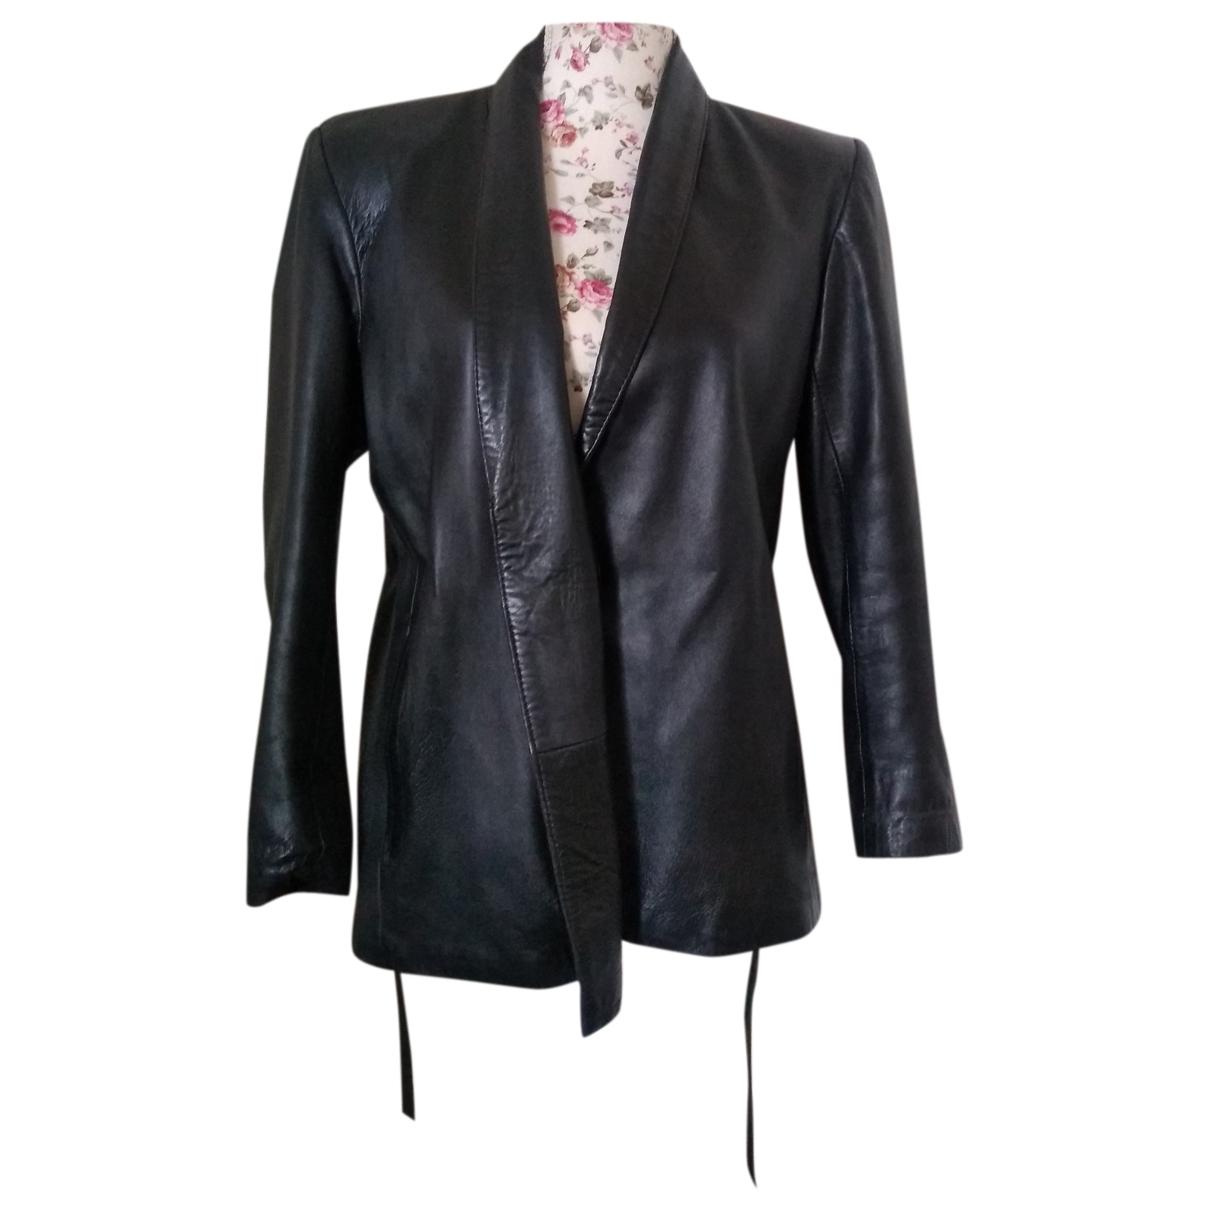 Yves Saint Laurent - Veste   pour femme en cuir - noir